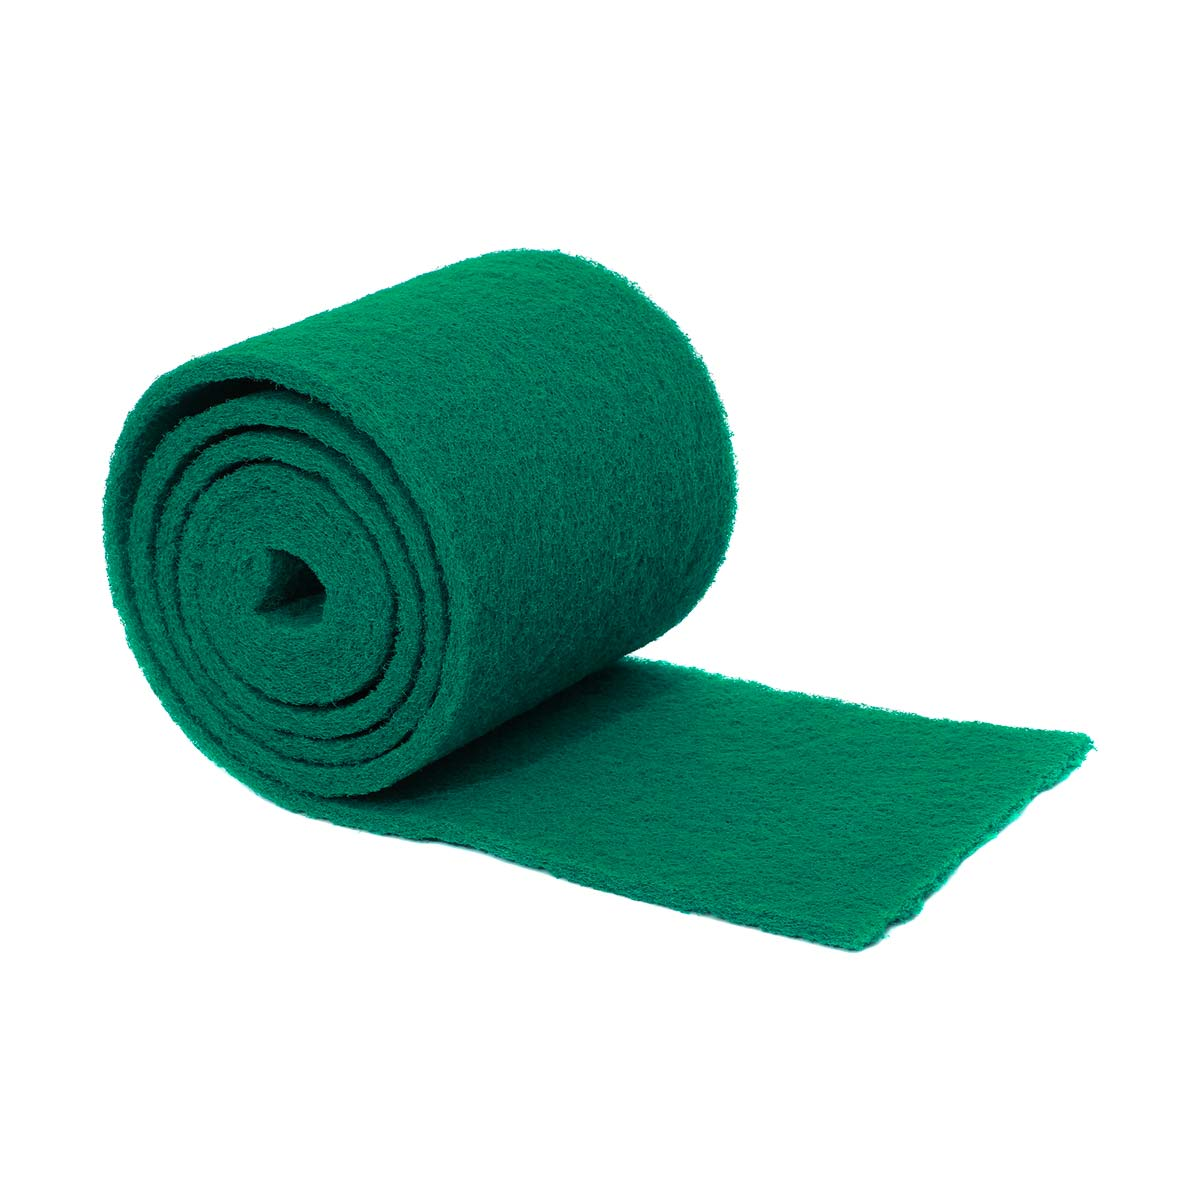 Esfregão de fibra verde para loiça em rolo 14cmx6mt